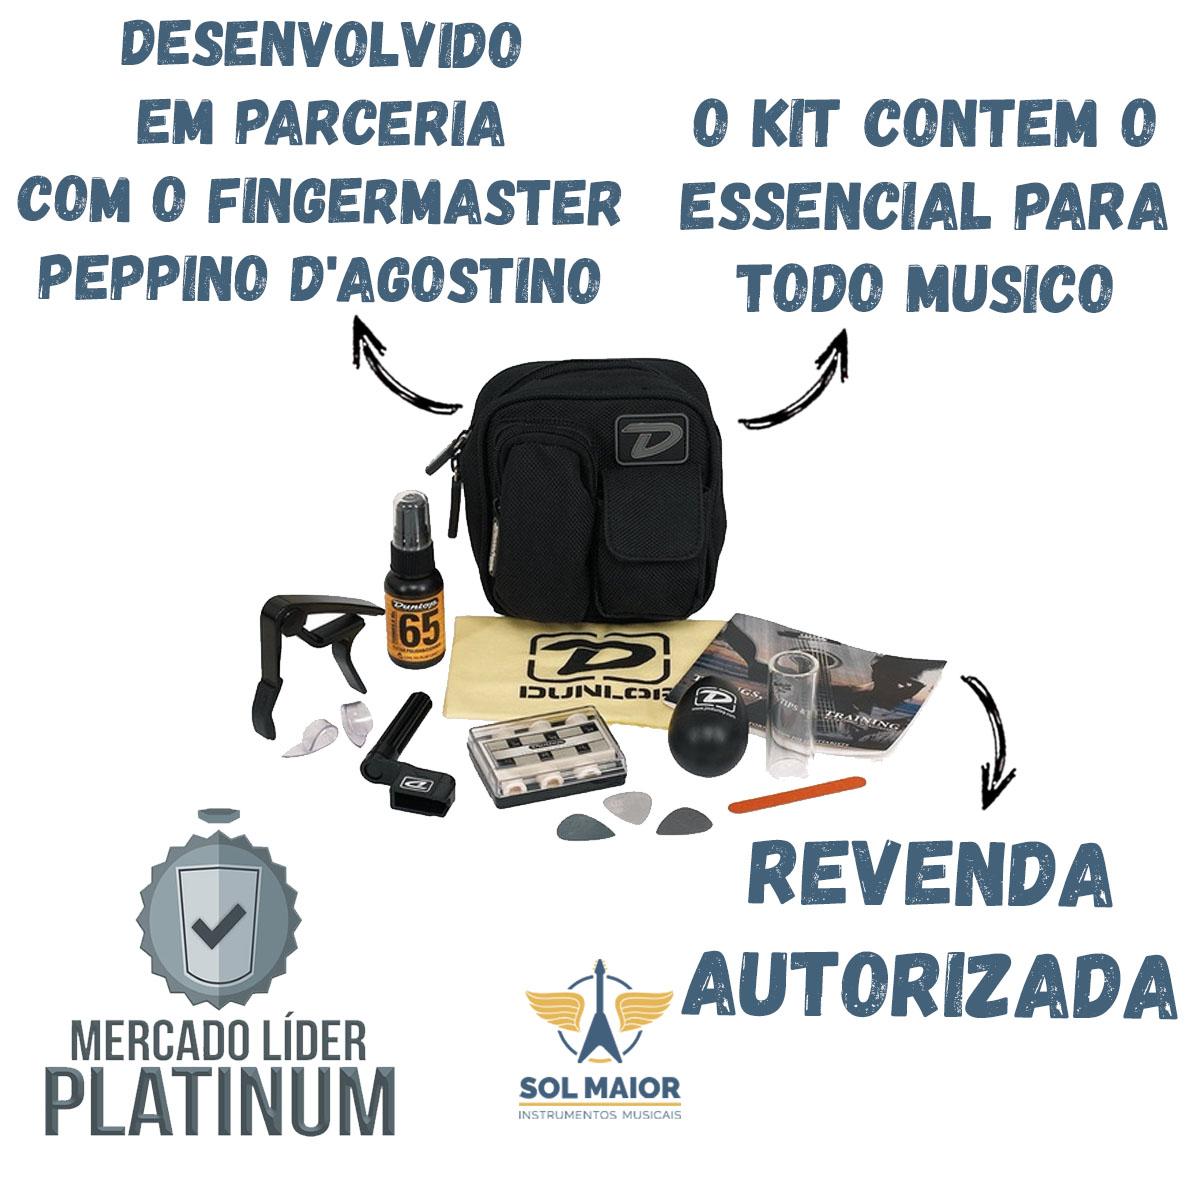 Kit Bolsa Acessorios Cordas E Maraca D Agostino Dunlop